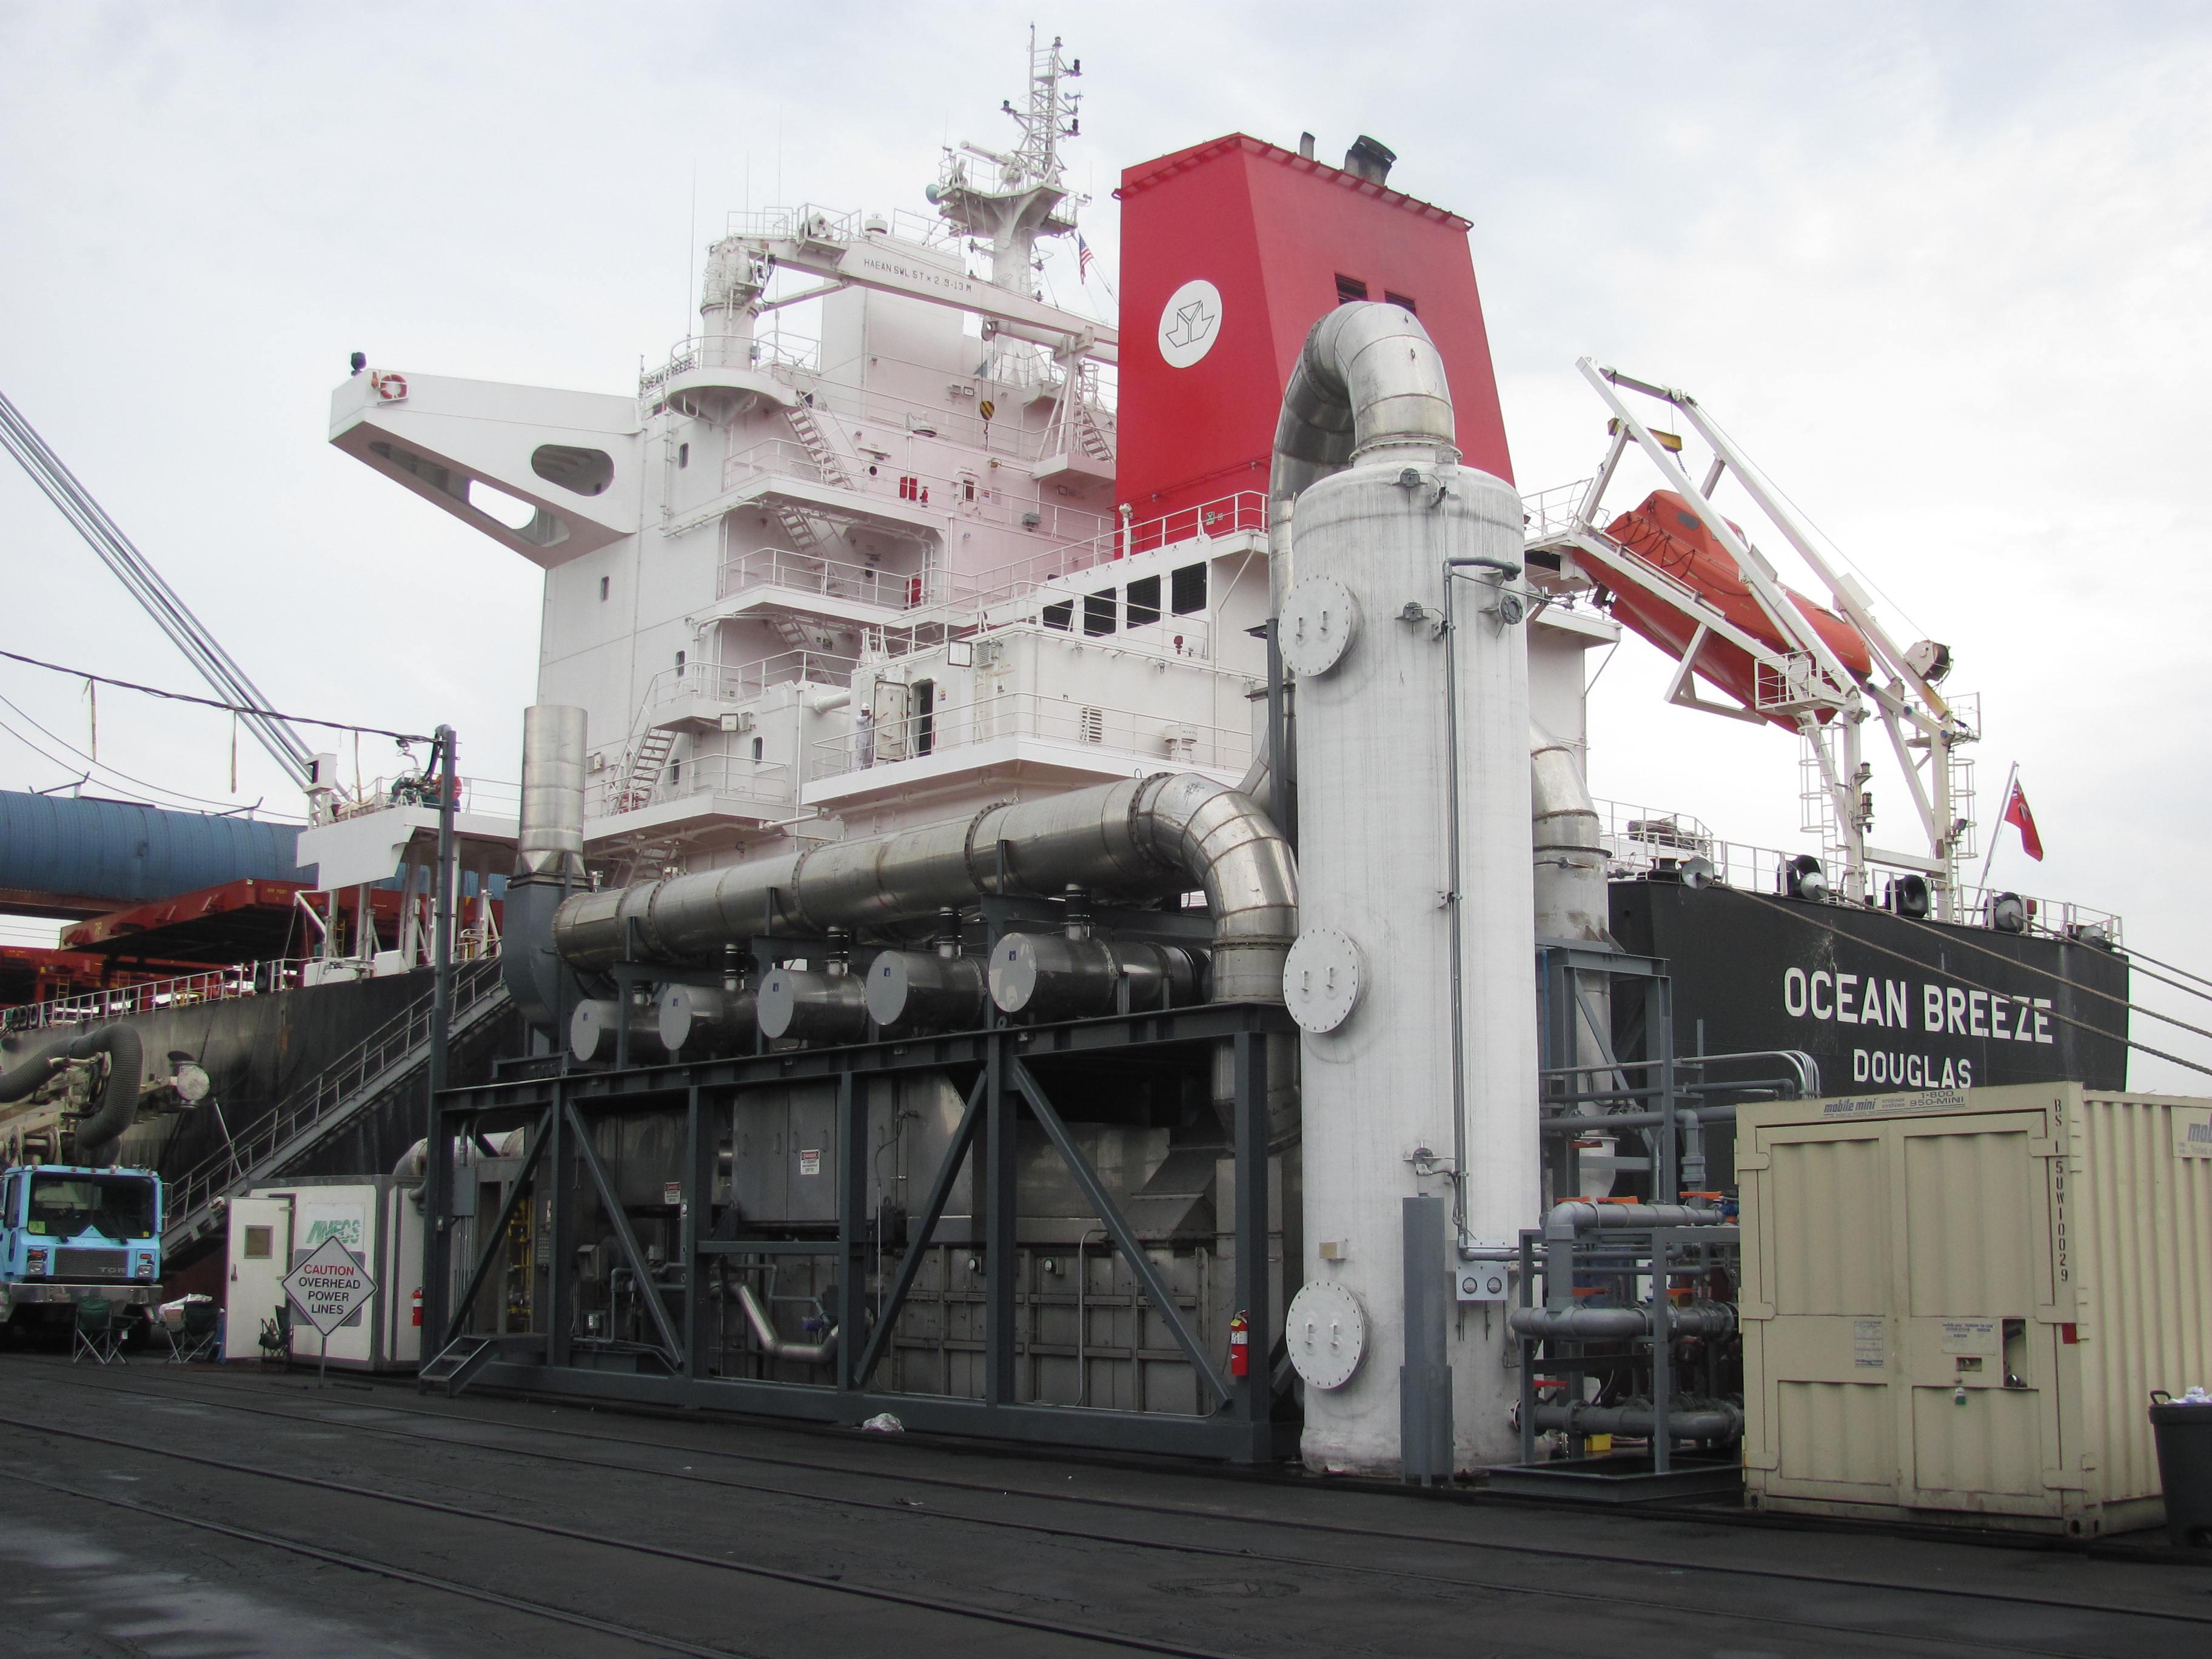 Marine diesel scrubber